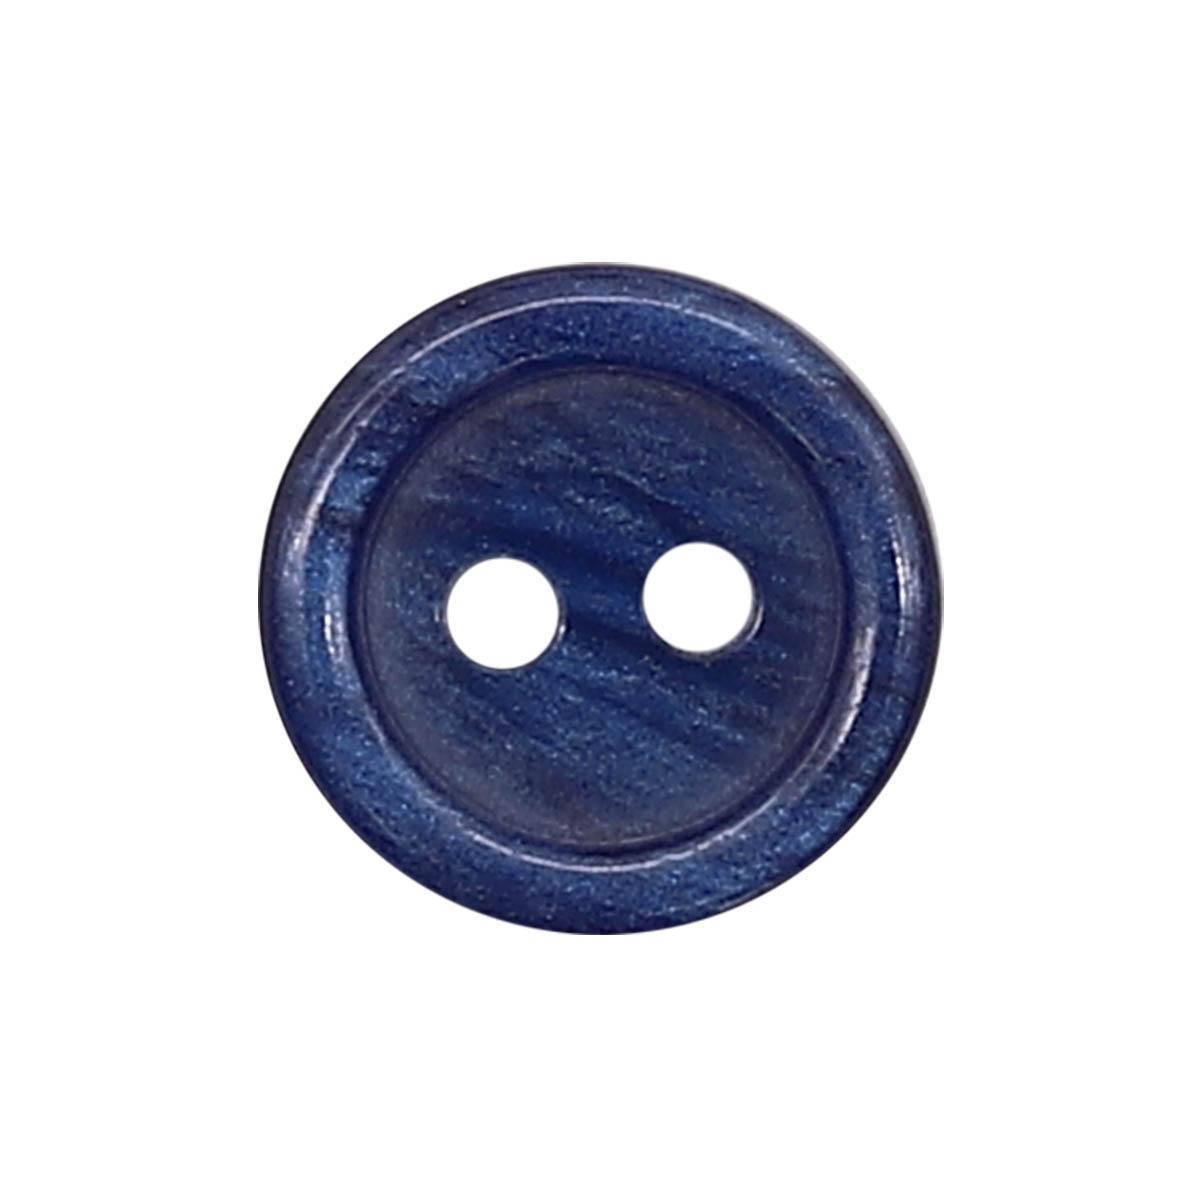 35483/2 18 (3507) Пуговица 2прокола син.глянц.полиэстер